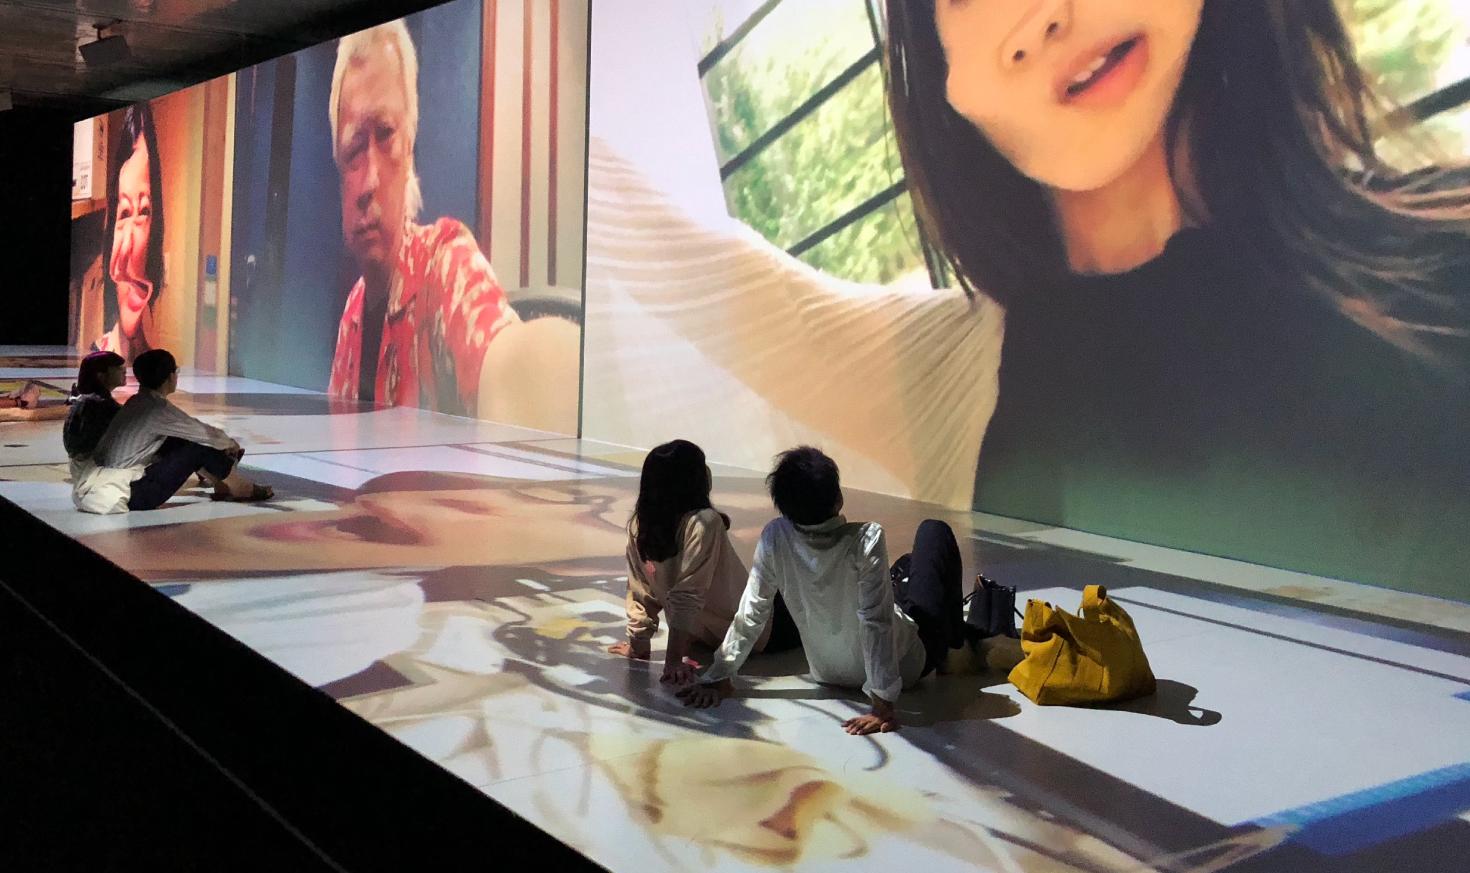 「デザインあ展」を訪れた人も、そうでない人も!  大人のための『音のアーキテクチャ展』